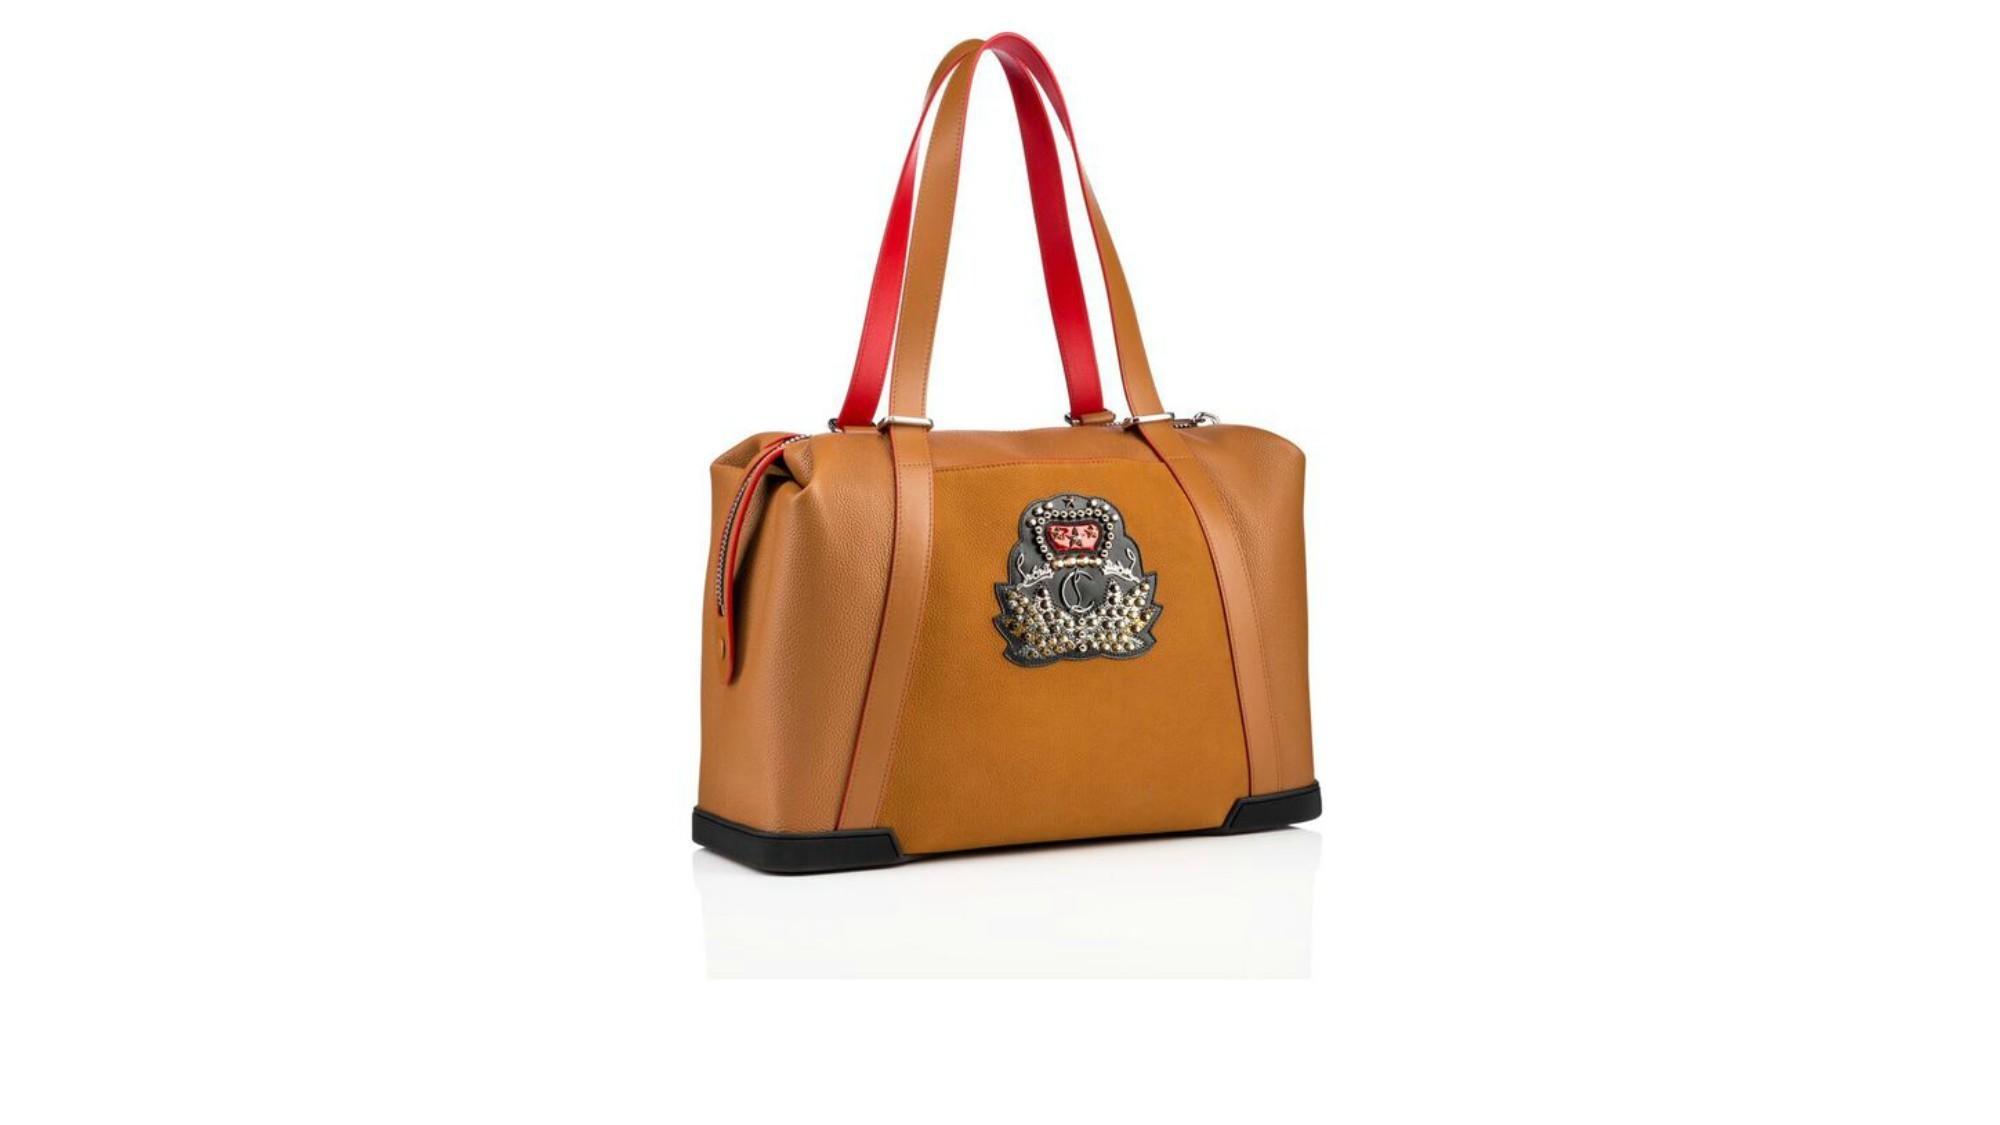 Christian Louboutin's calfskin Bagdamon bag.